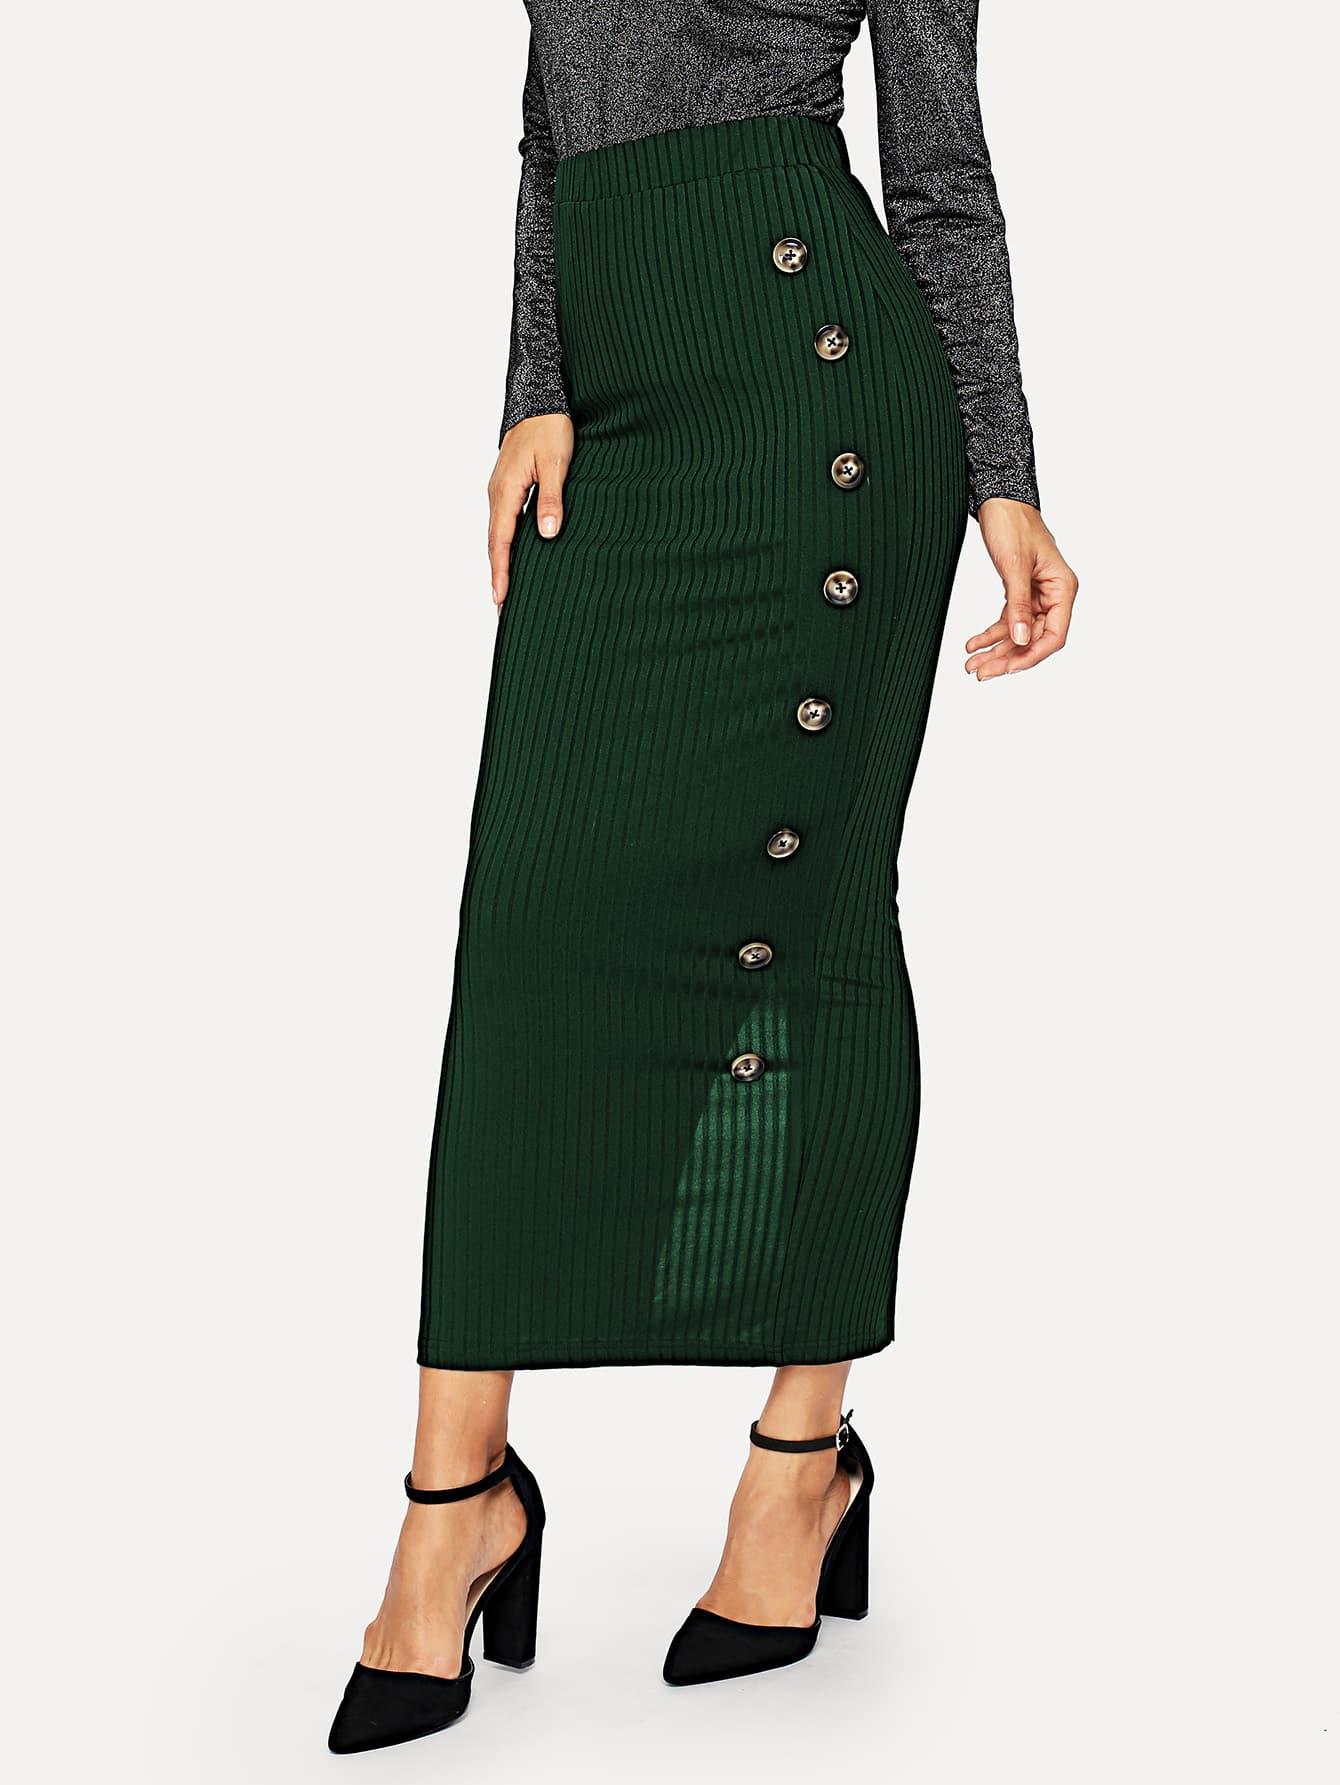 Купить Вязяная ребристая юбка с разрезом и пуговицами, Juliana, SheIn